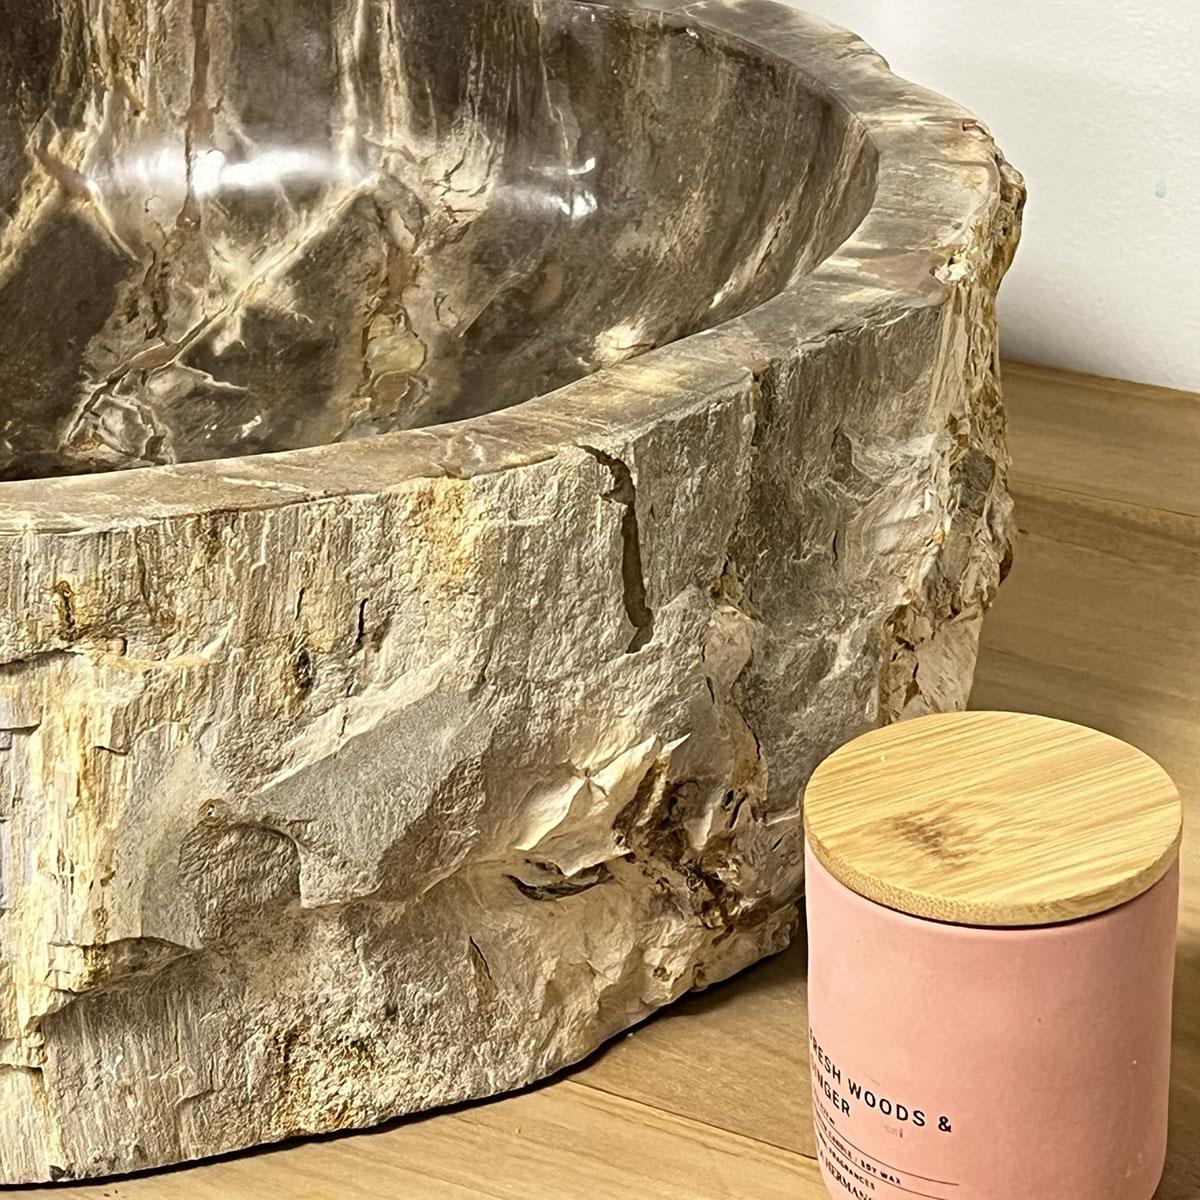 Lavabo de salle de bain en bois pétrifié fossilisé : beige, l : 40 cm